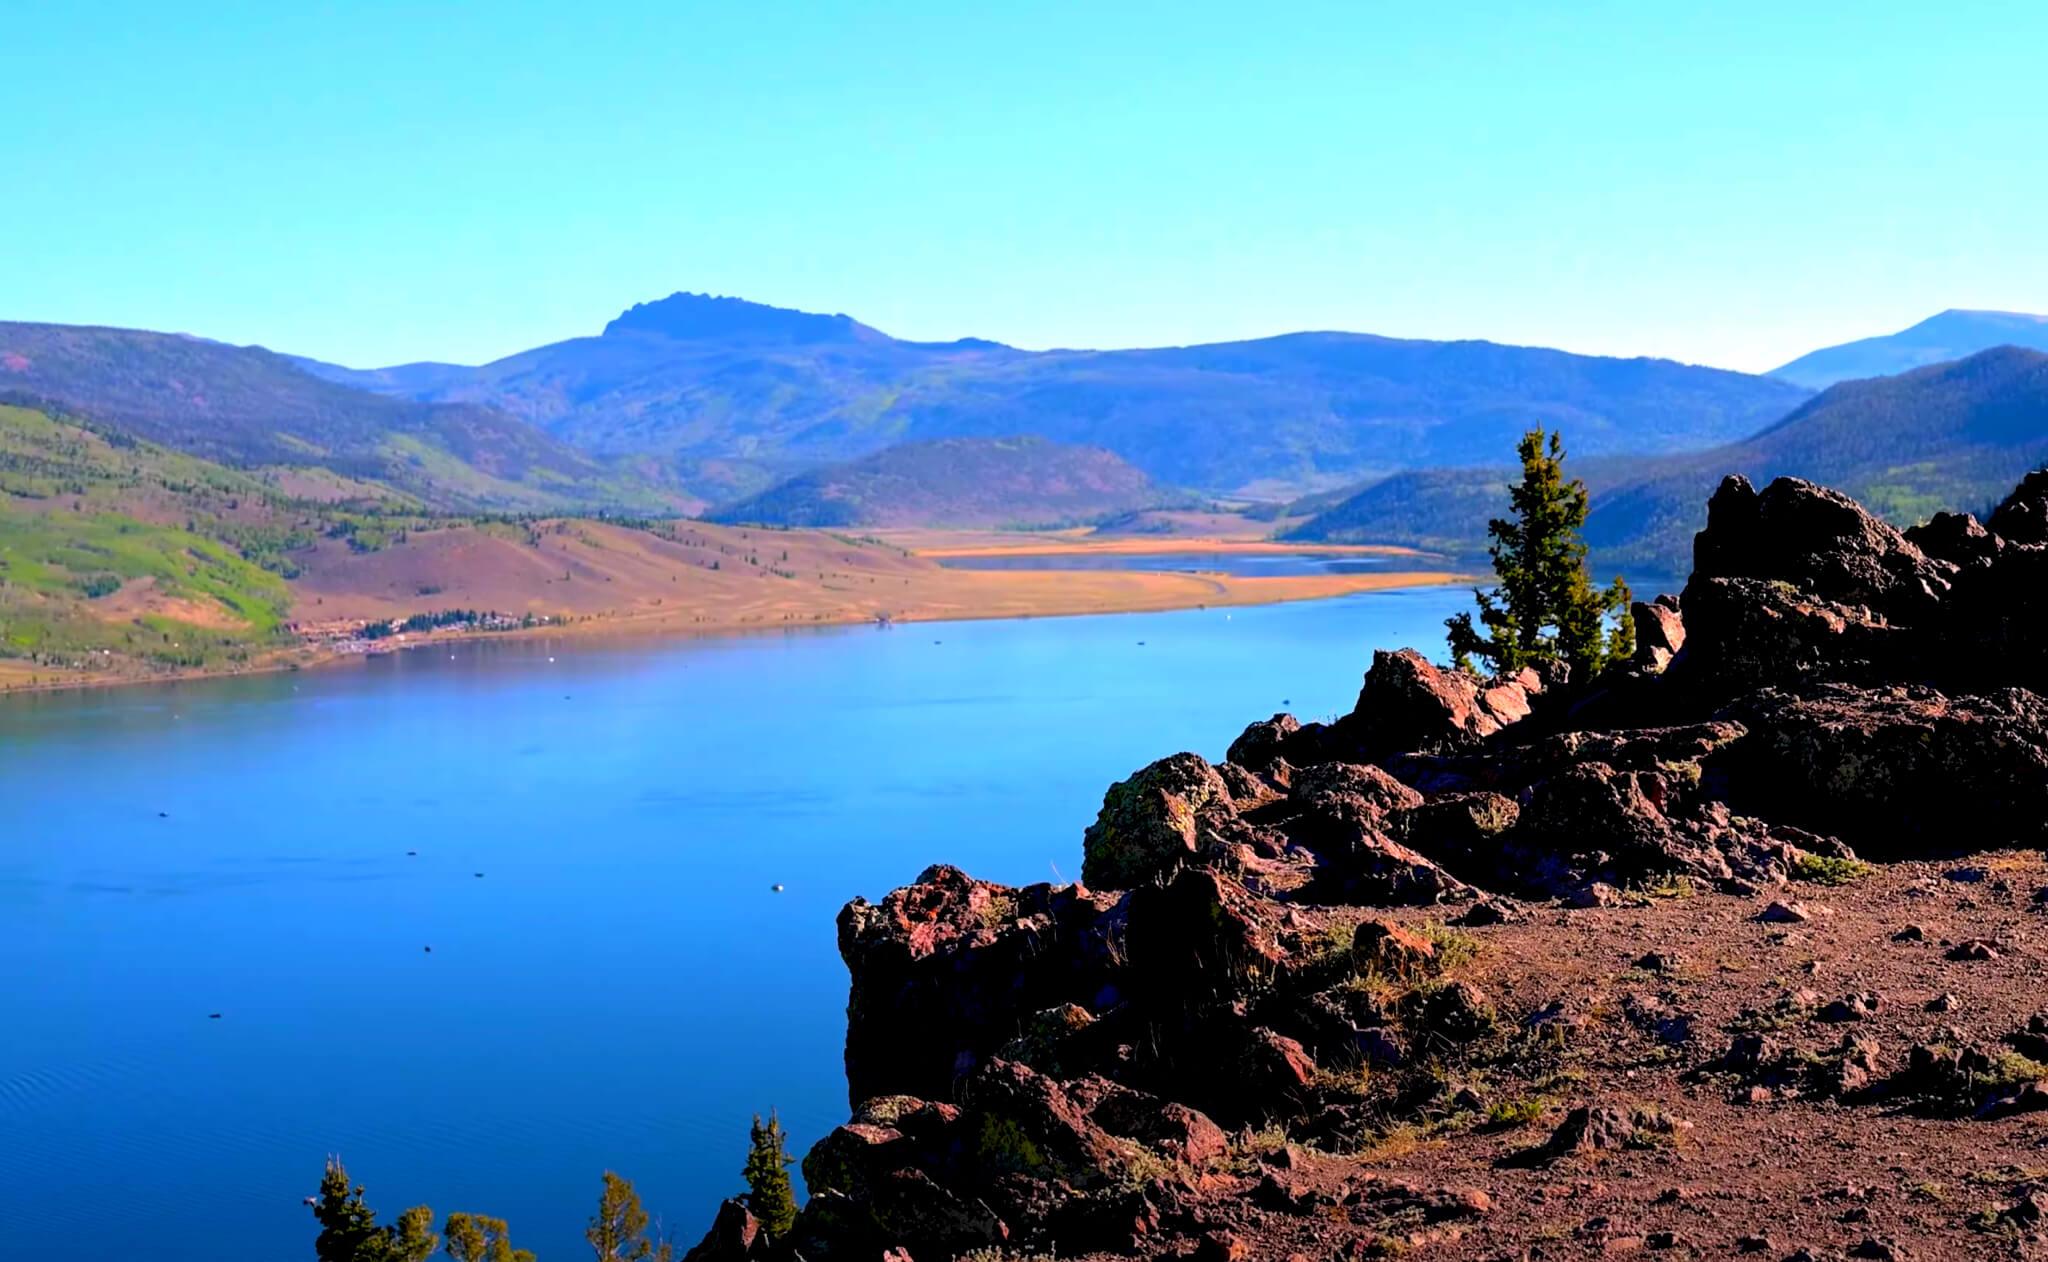 Fish-Lake-Fishing-Report-Guide-Utah-UT-04